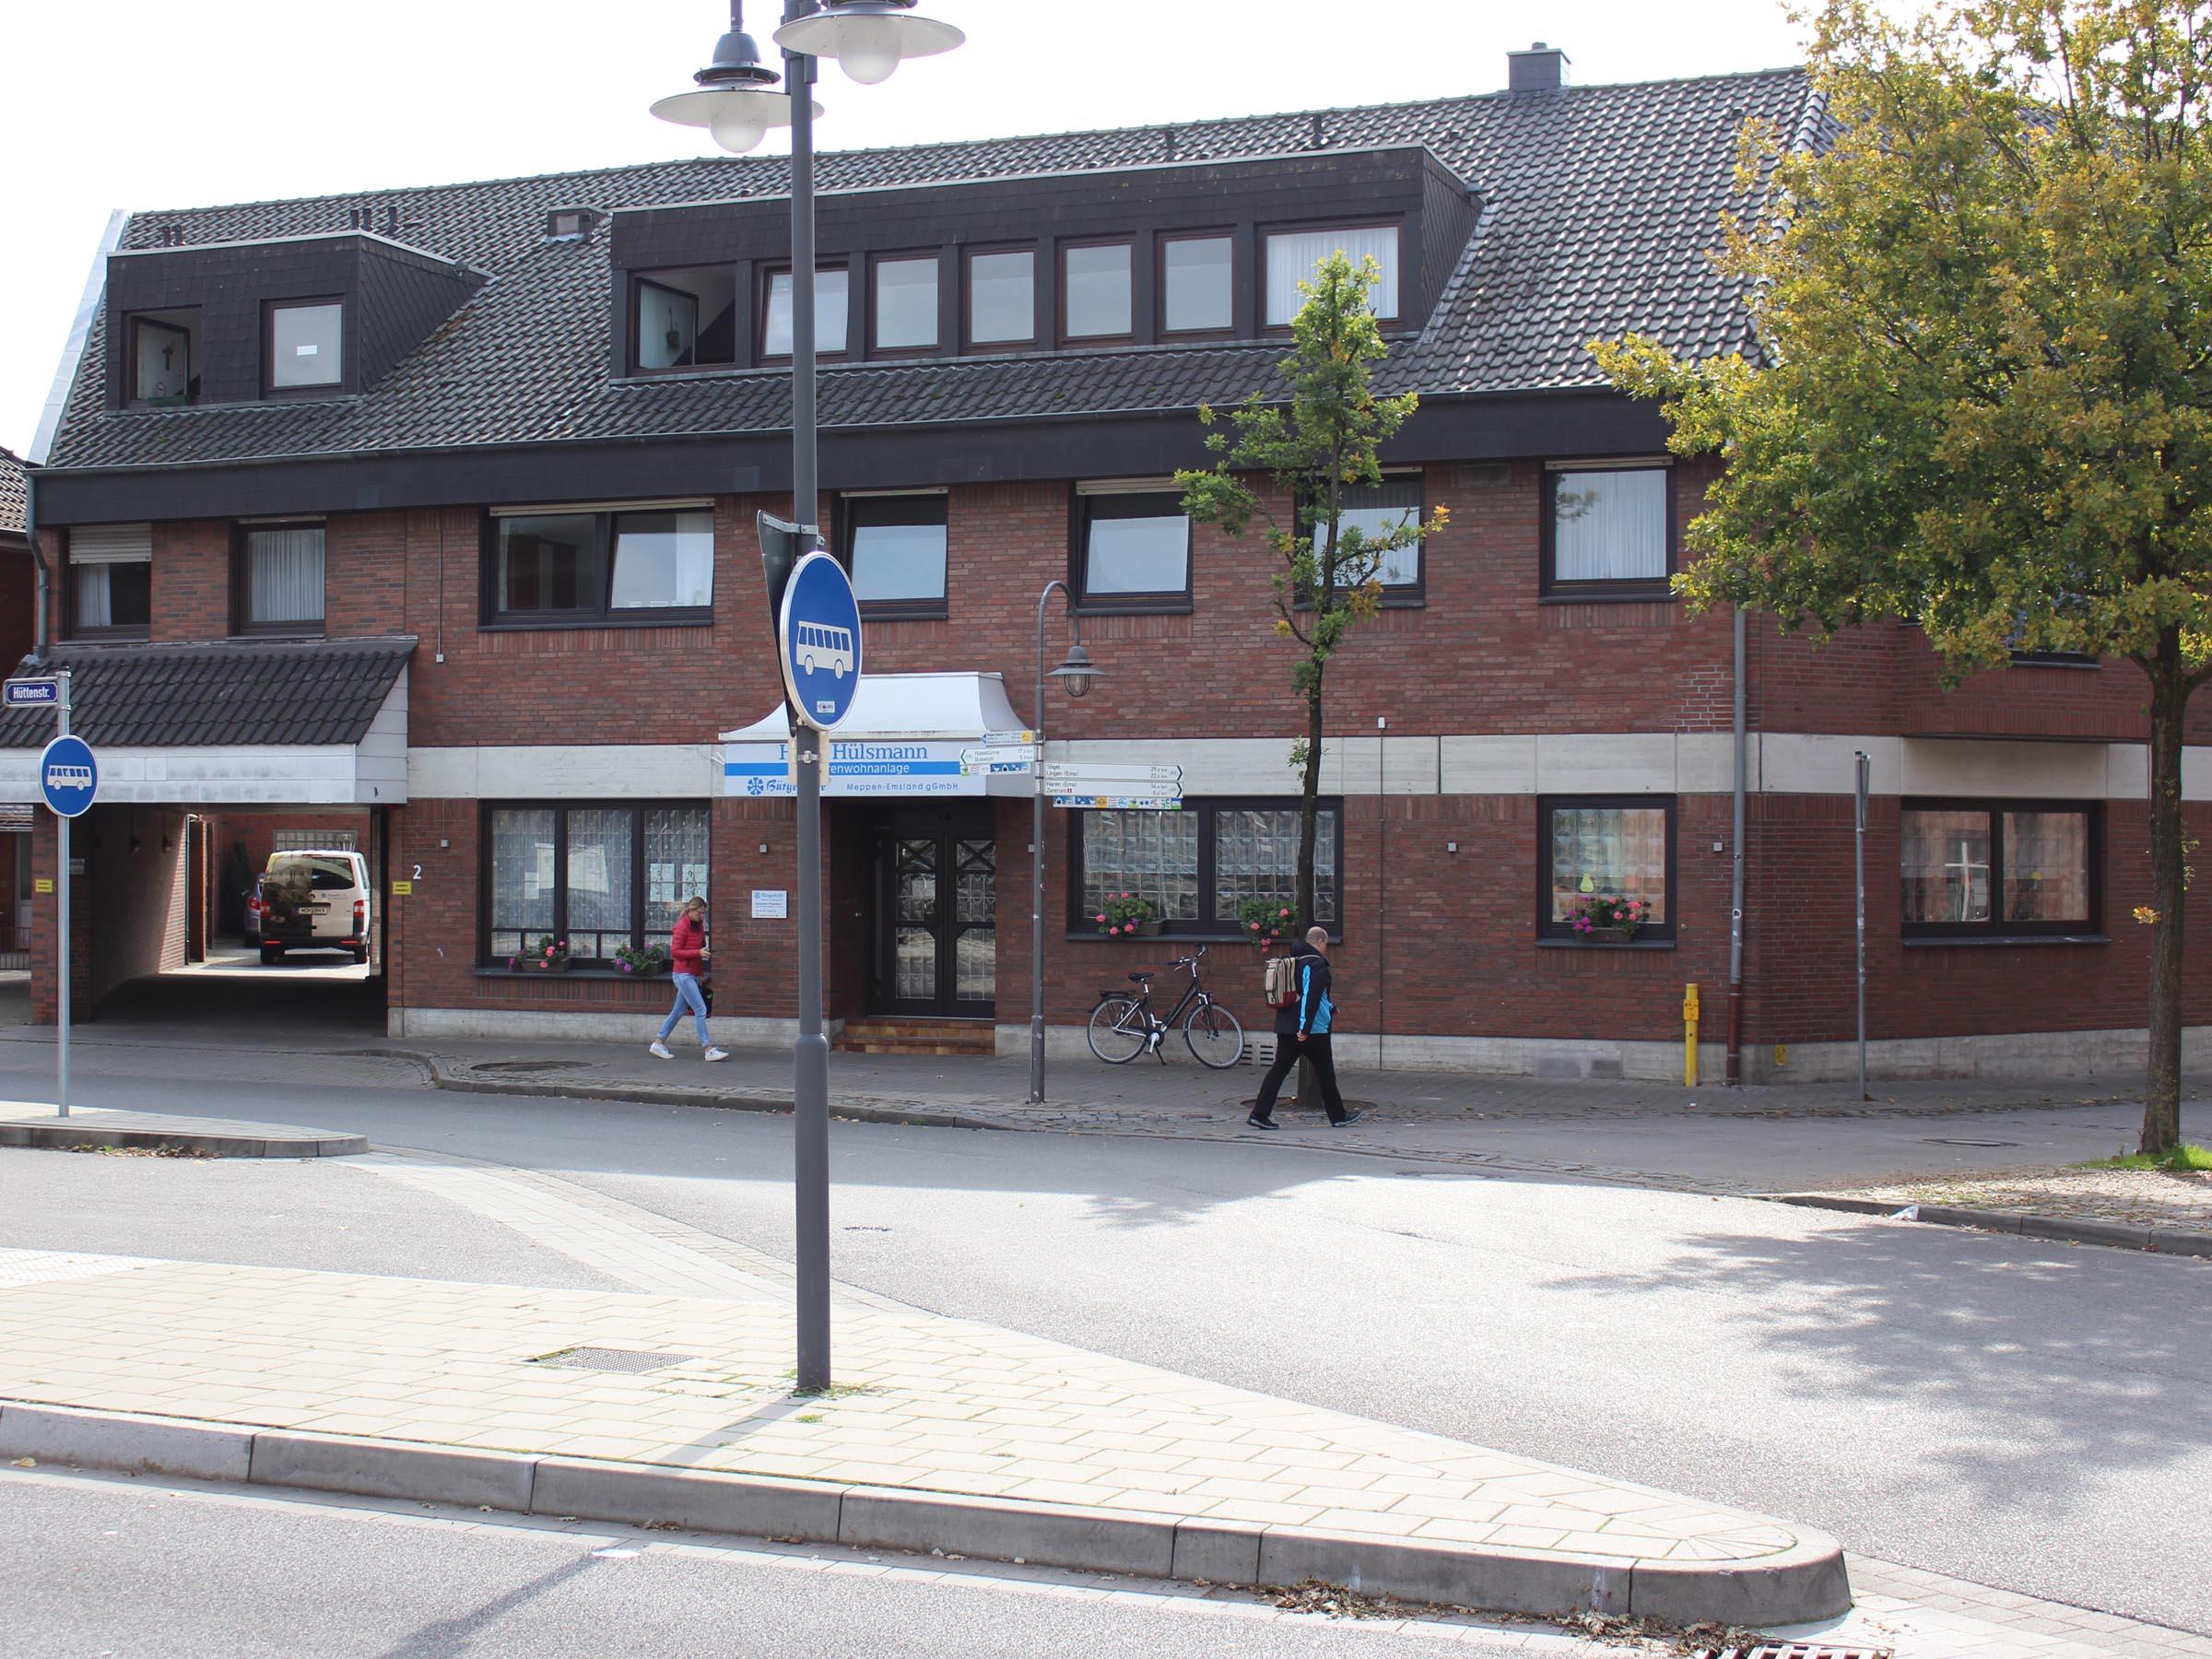 Alten- und Pflegeheim 'Haus Hülsmann'